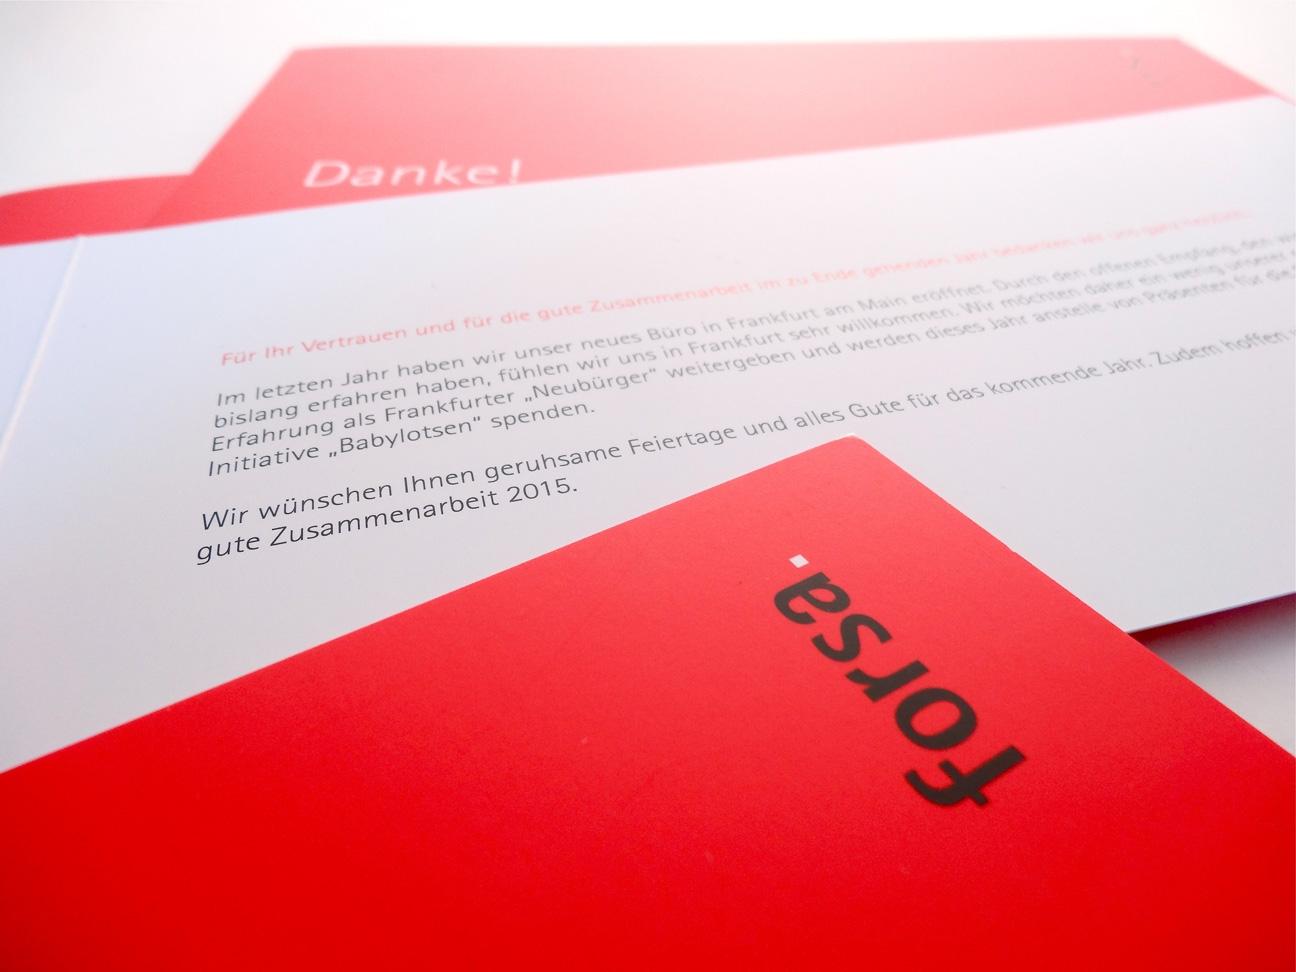 Danke! Grusskarte Greeting Card red forsa.